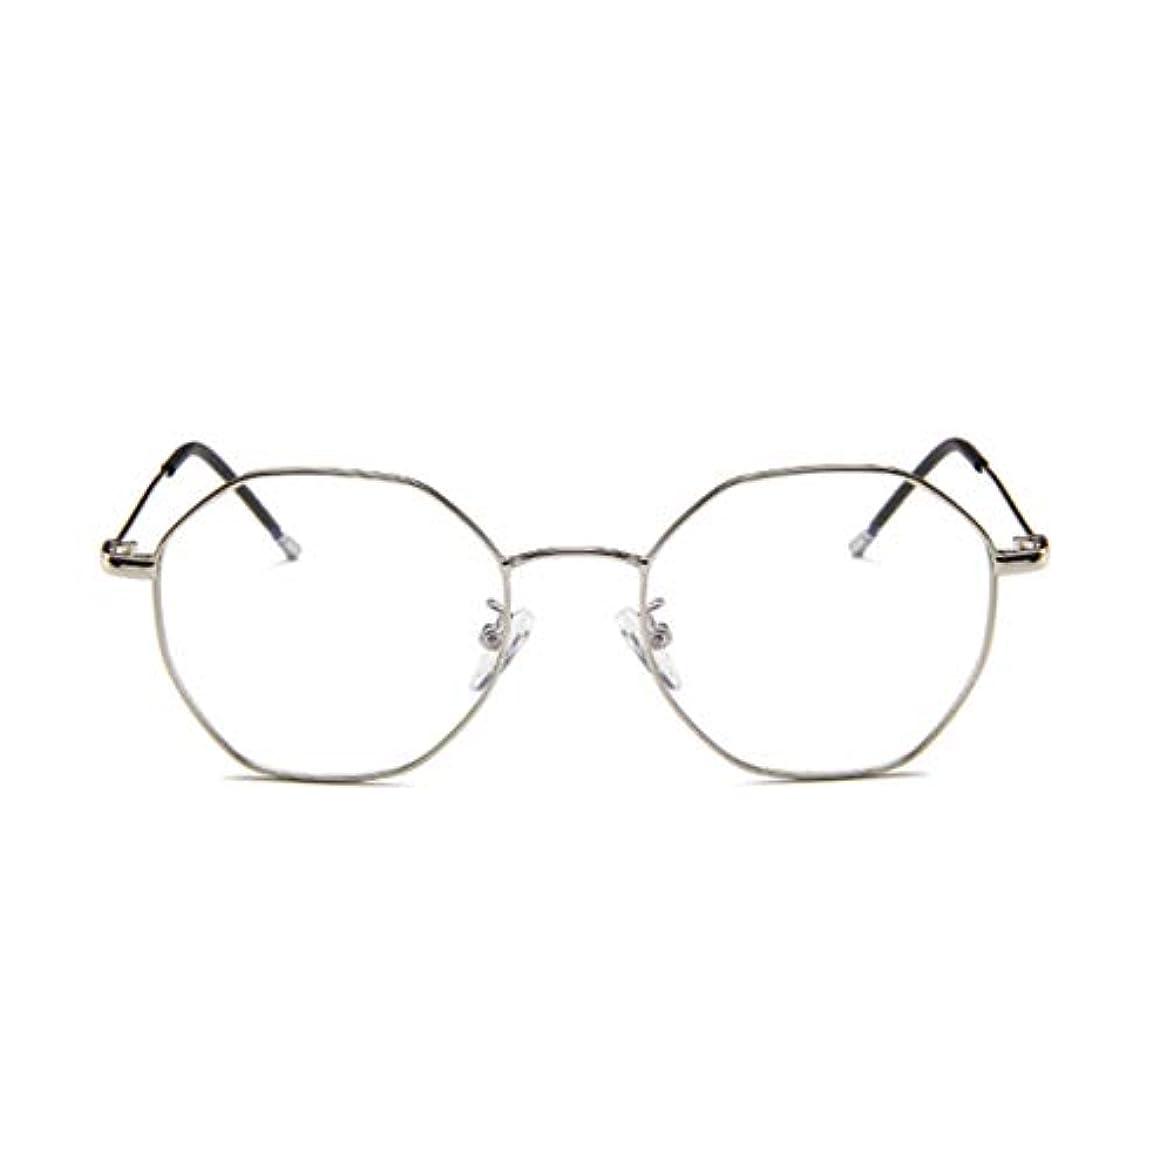 スーパー高音擬人化ファッションメガネ近視多角形フレーム韓国語版金属フレーム男性と女性のための不規則なフラットグラス-スライバー